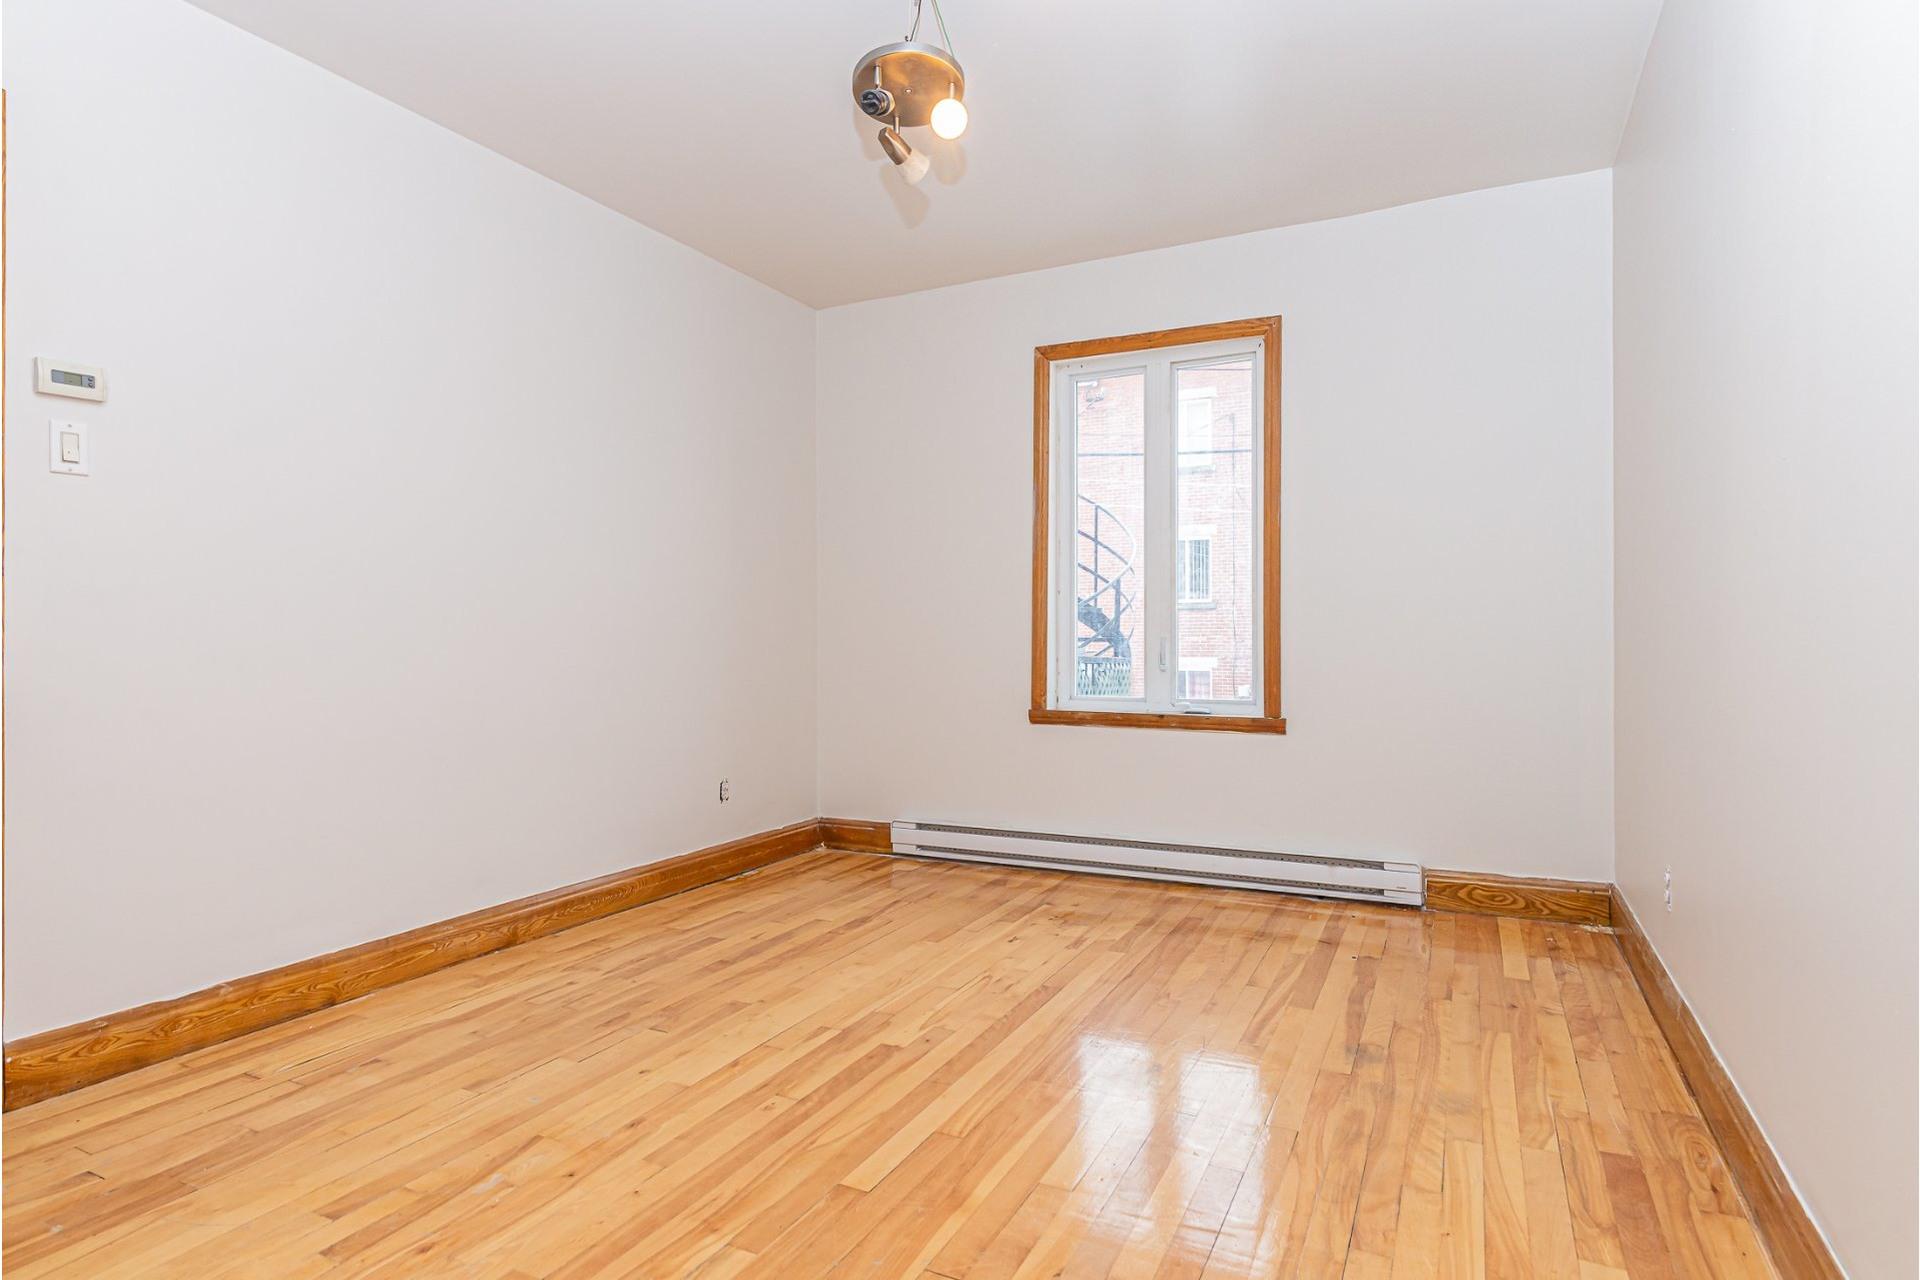 image 13 - Triplex For sale Villeray/Saint-Michel/Parc-Extension Montréal  - 6 rooms